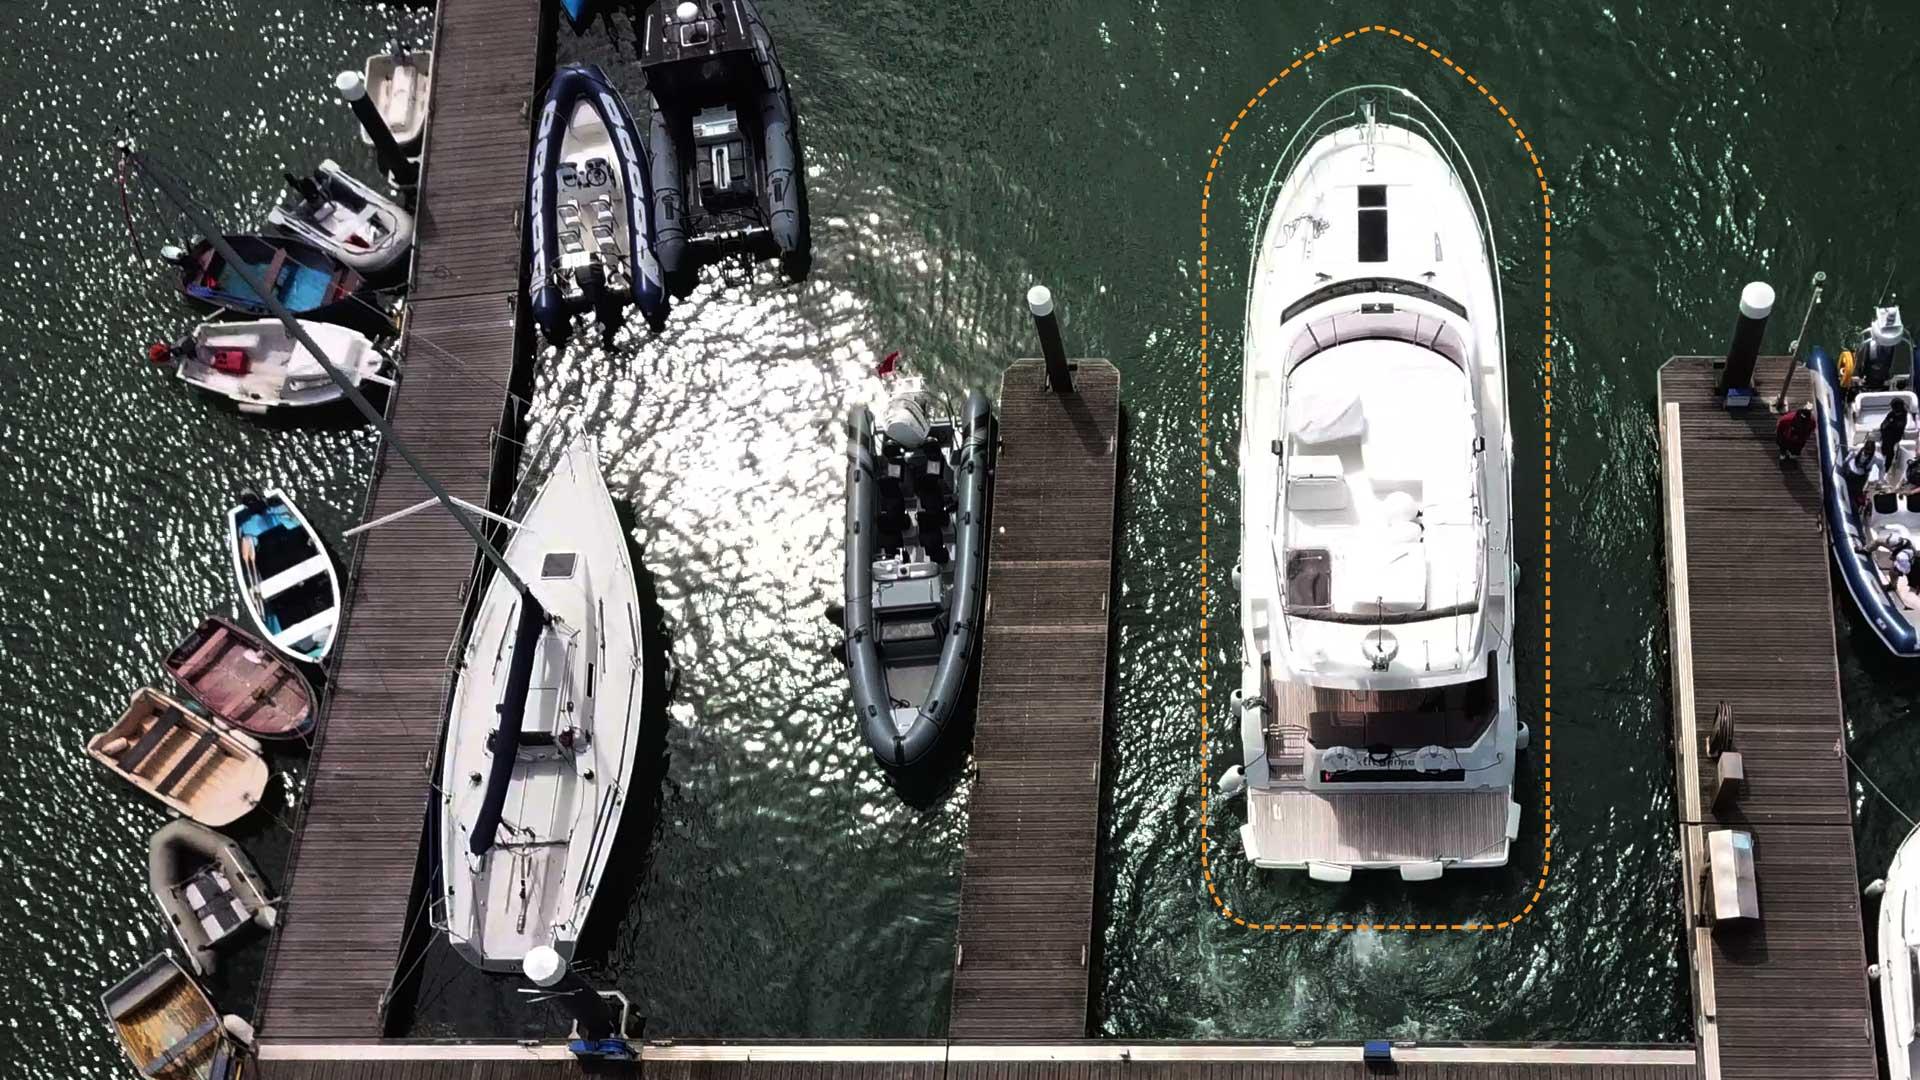 automated docking